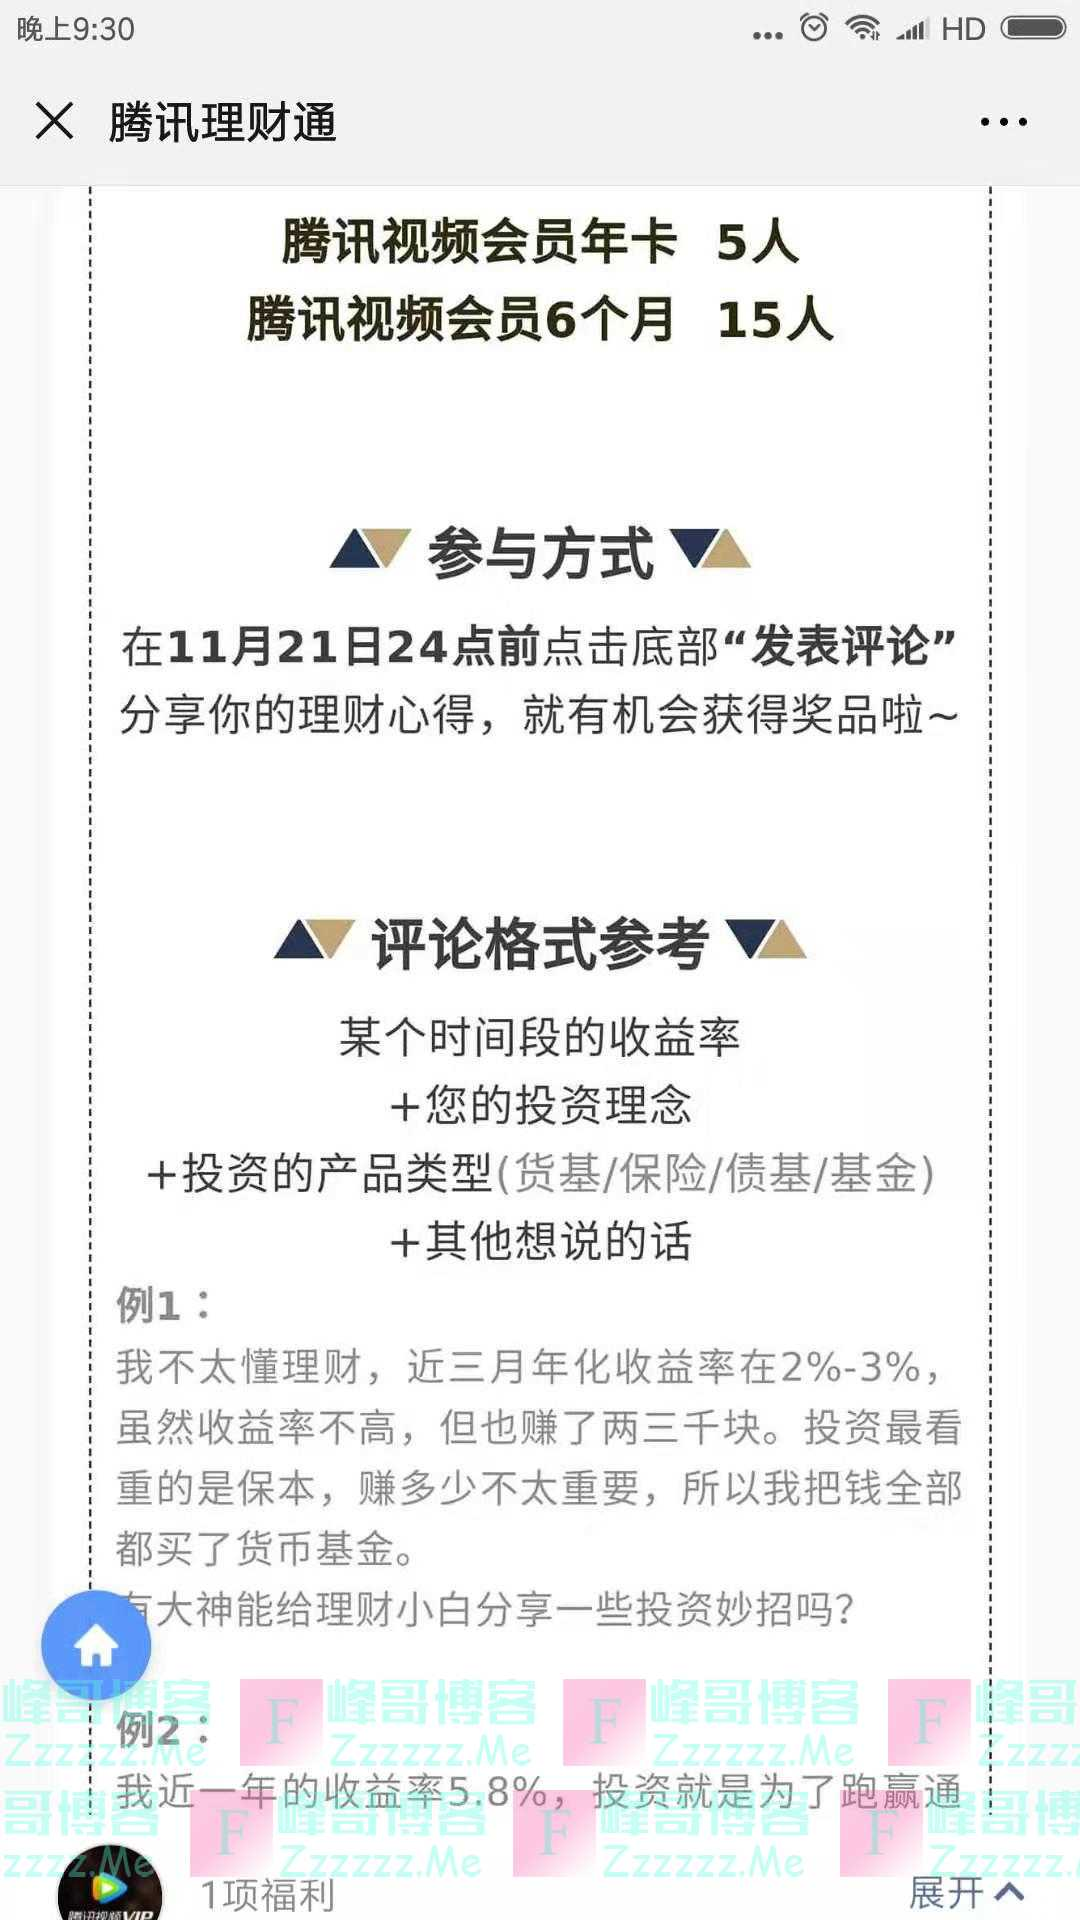 腾讯理财通分享理财心得,抽腾讯视频VIP年卡(截止11月21日)